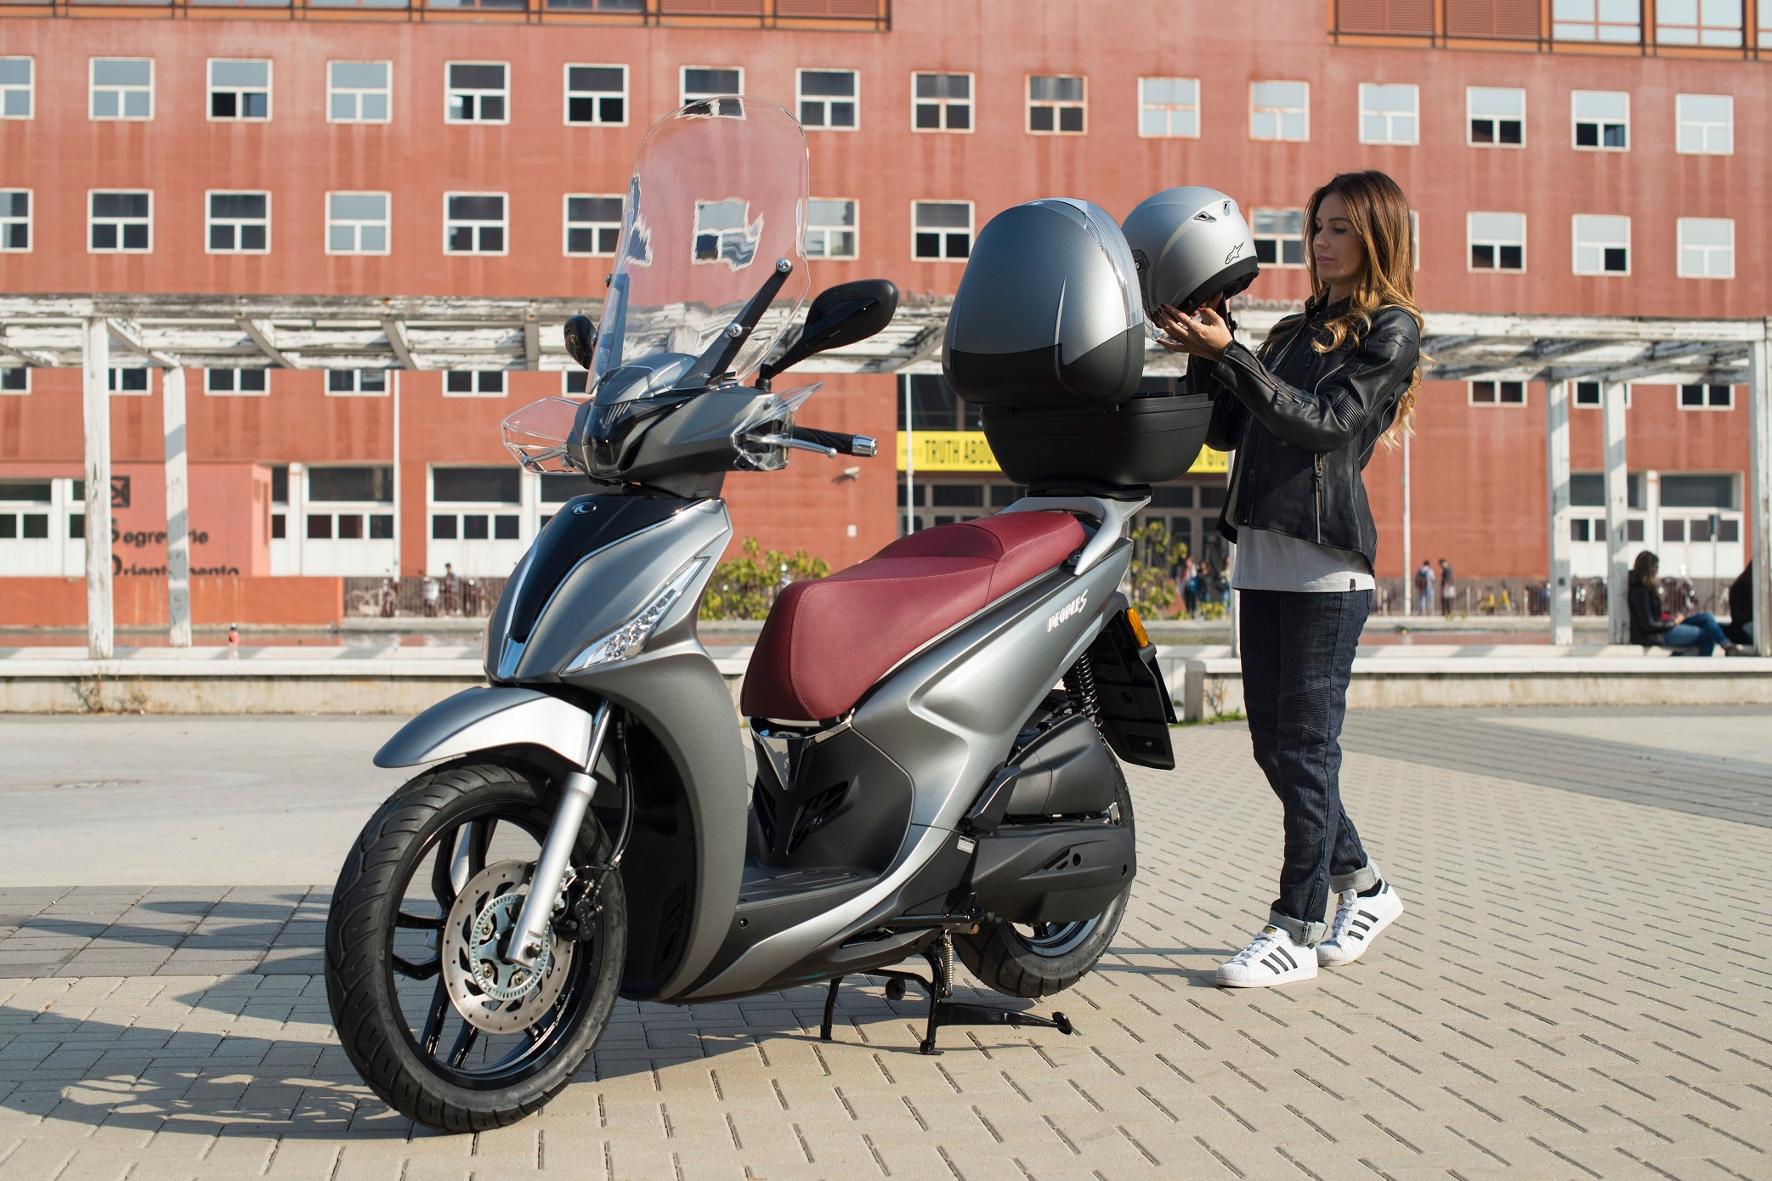 mid Groß-Gerau - Mit dem New People S 125i will Roller-Hersteller Kymco vor allem junge Stadtmenschen ansprechen. Kymco